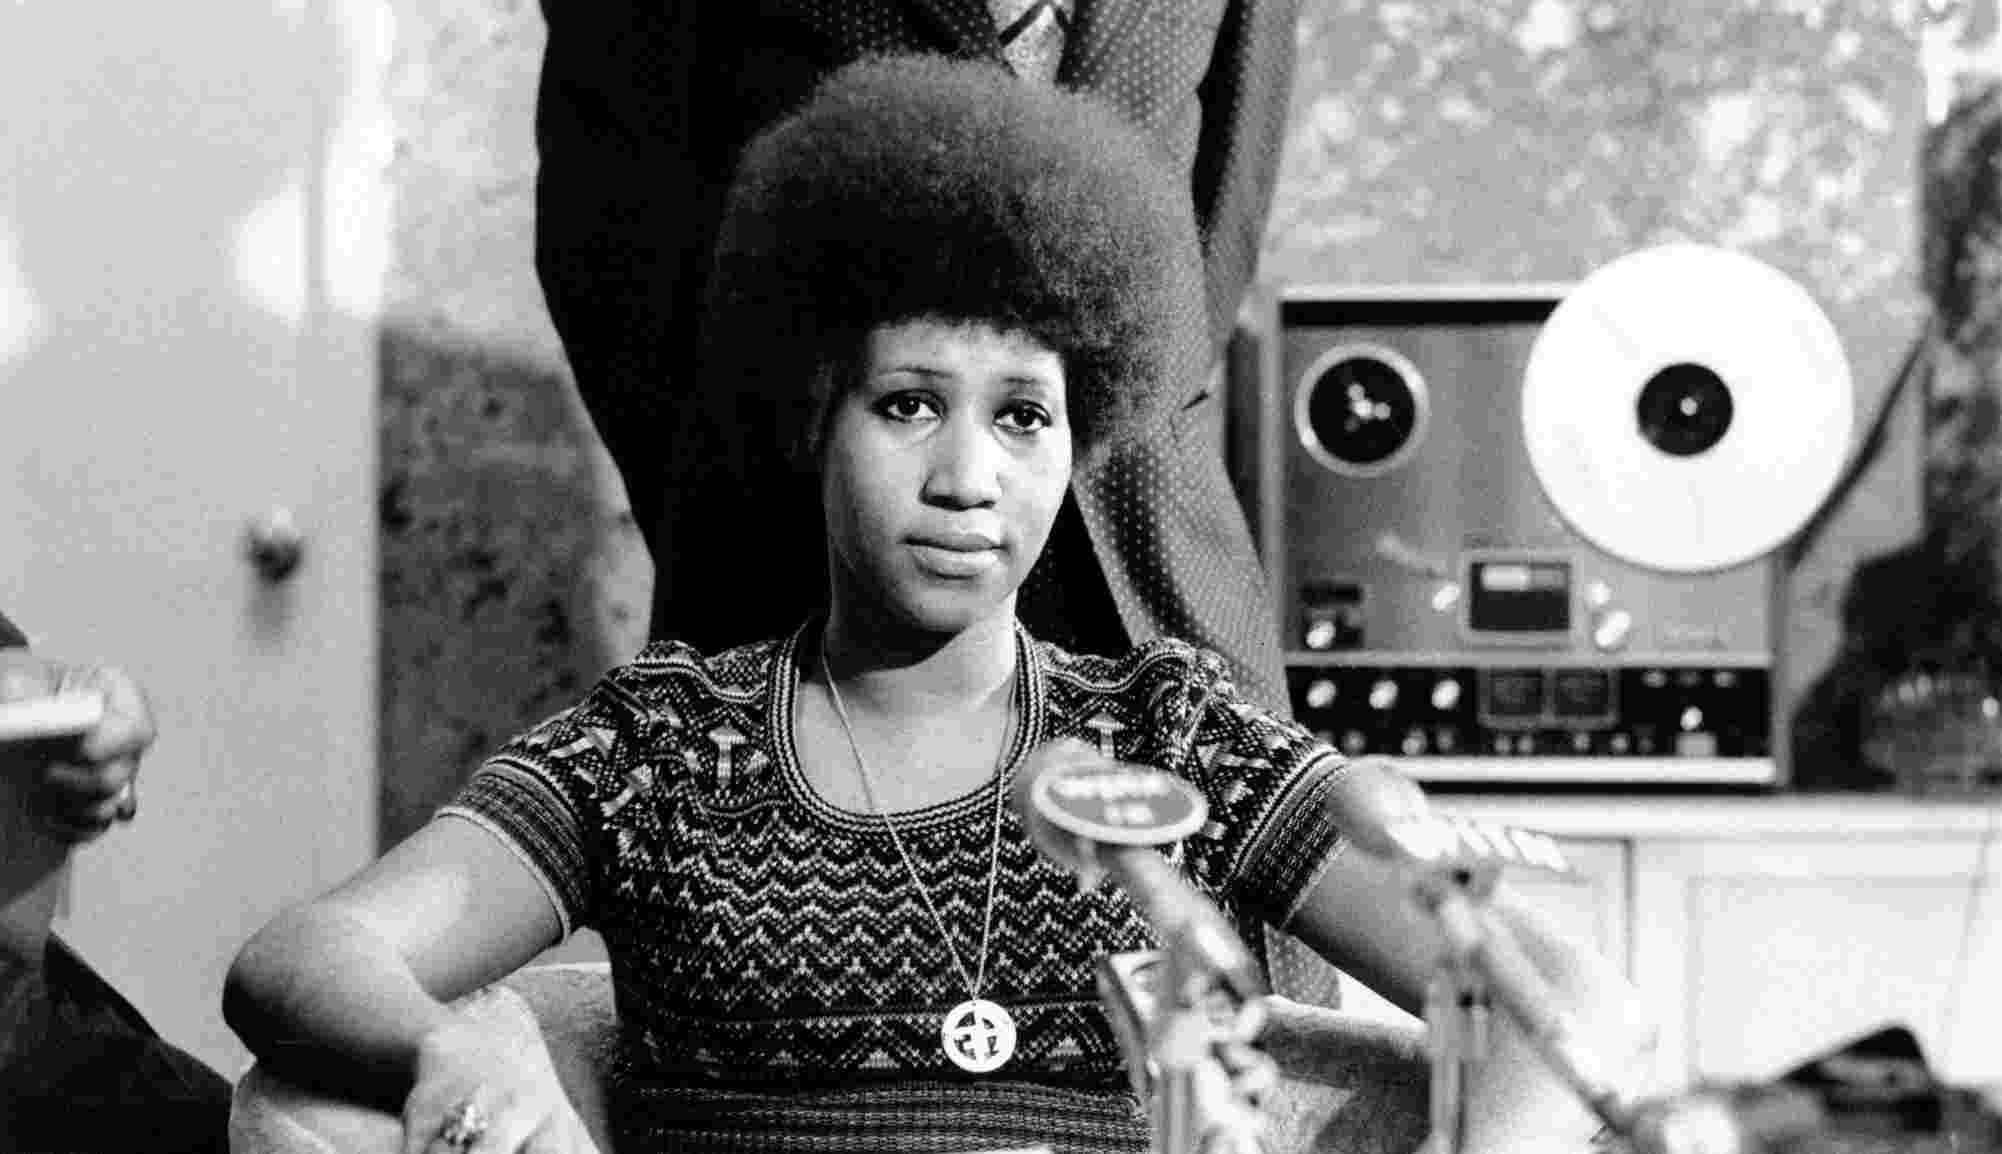 Franklin - … por Aretha Franklin y su versión de Respect, canción originalmente escrita por Otis Redding, y publicada en 1967 con su álbum I Never Loved a Man.